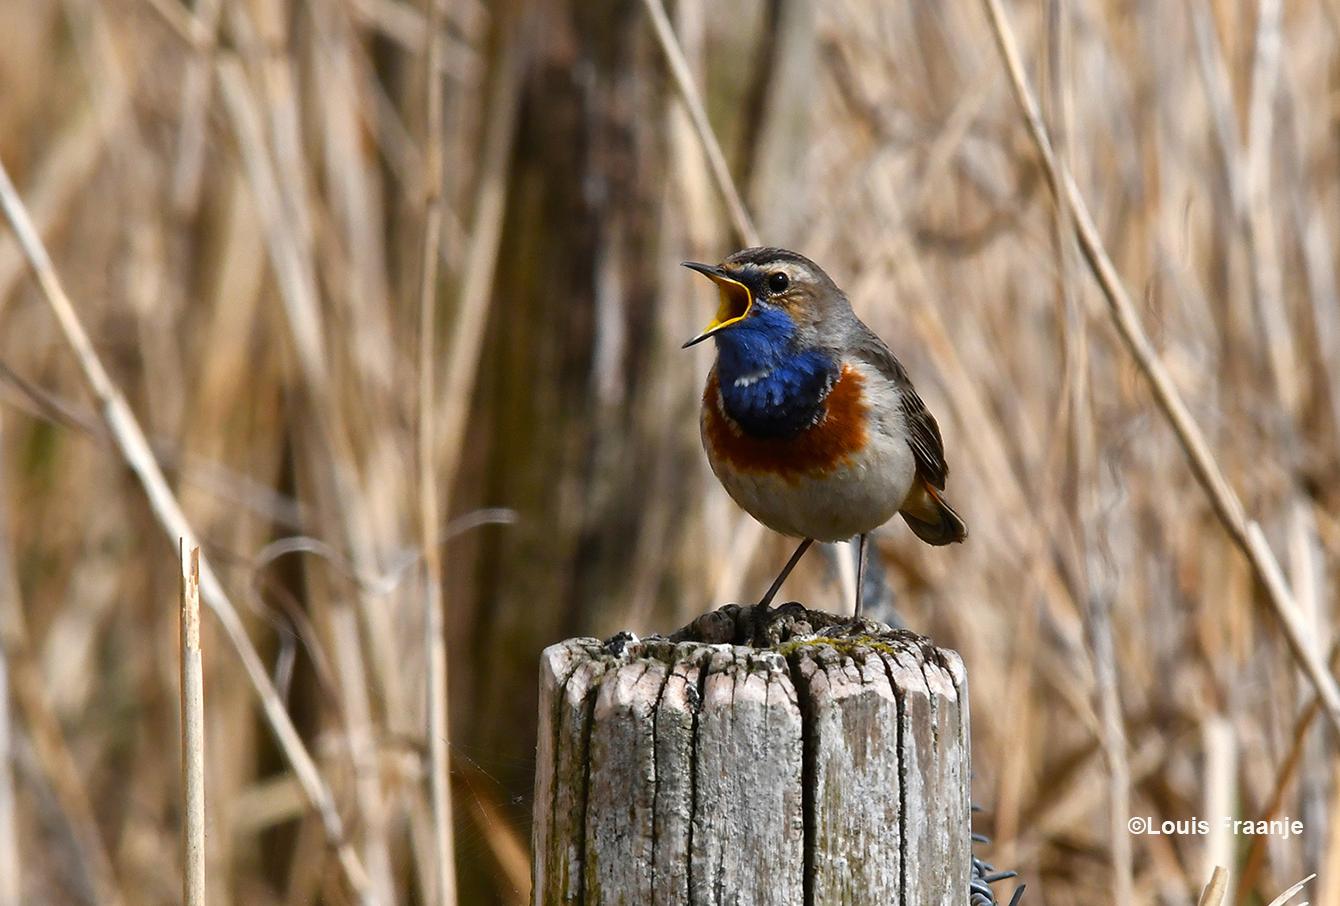 Zo'n klein vogeltje met zo'n groot volume, prachtig - Foto: ©Louis Fraanje